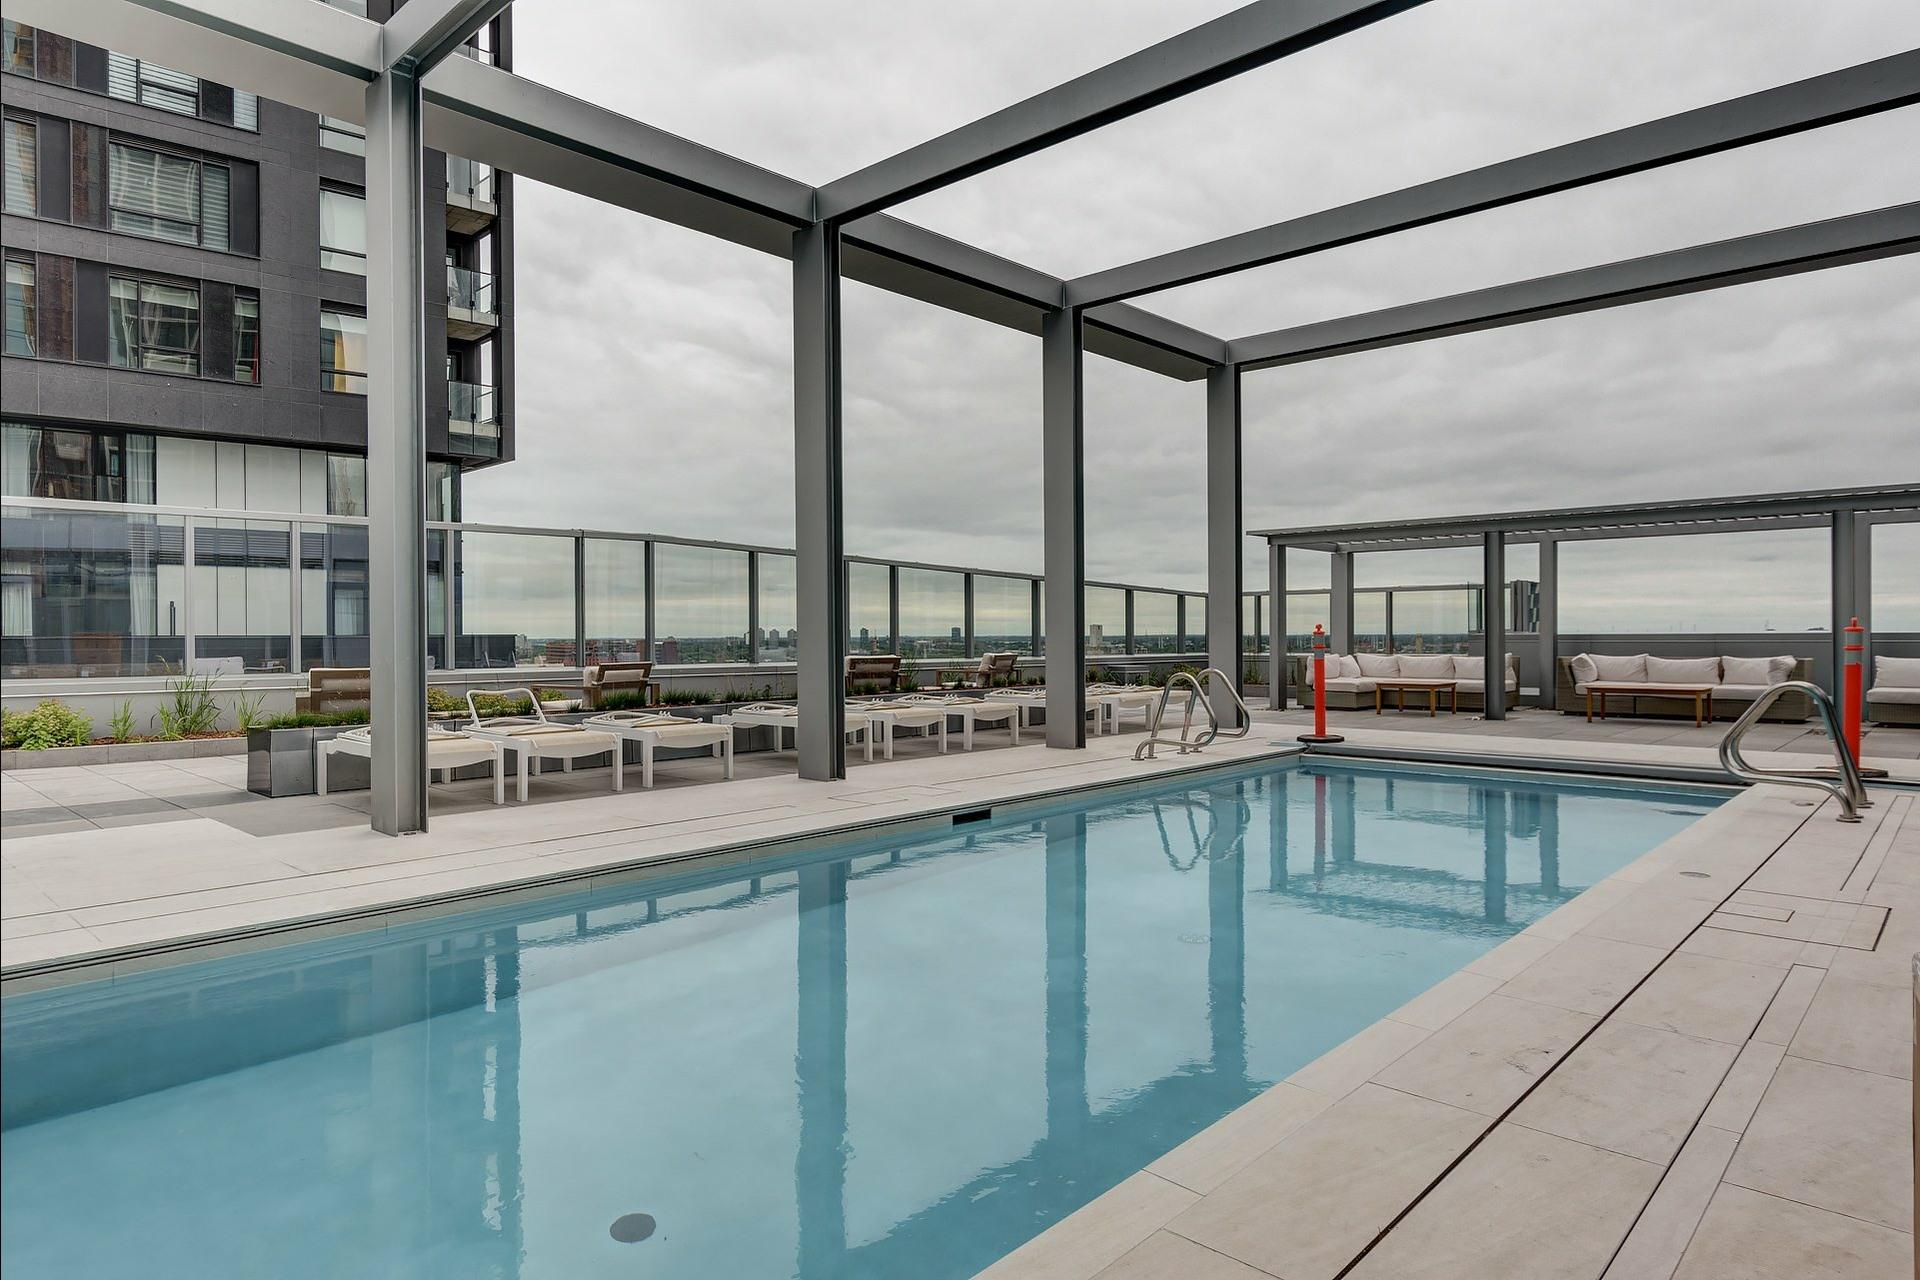 image 6 - Apartment For sale Montréal Ville-Marie  - 4 rooms